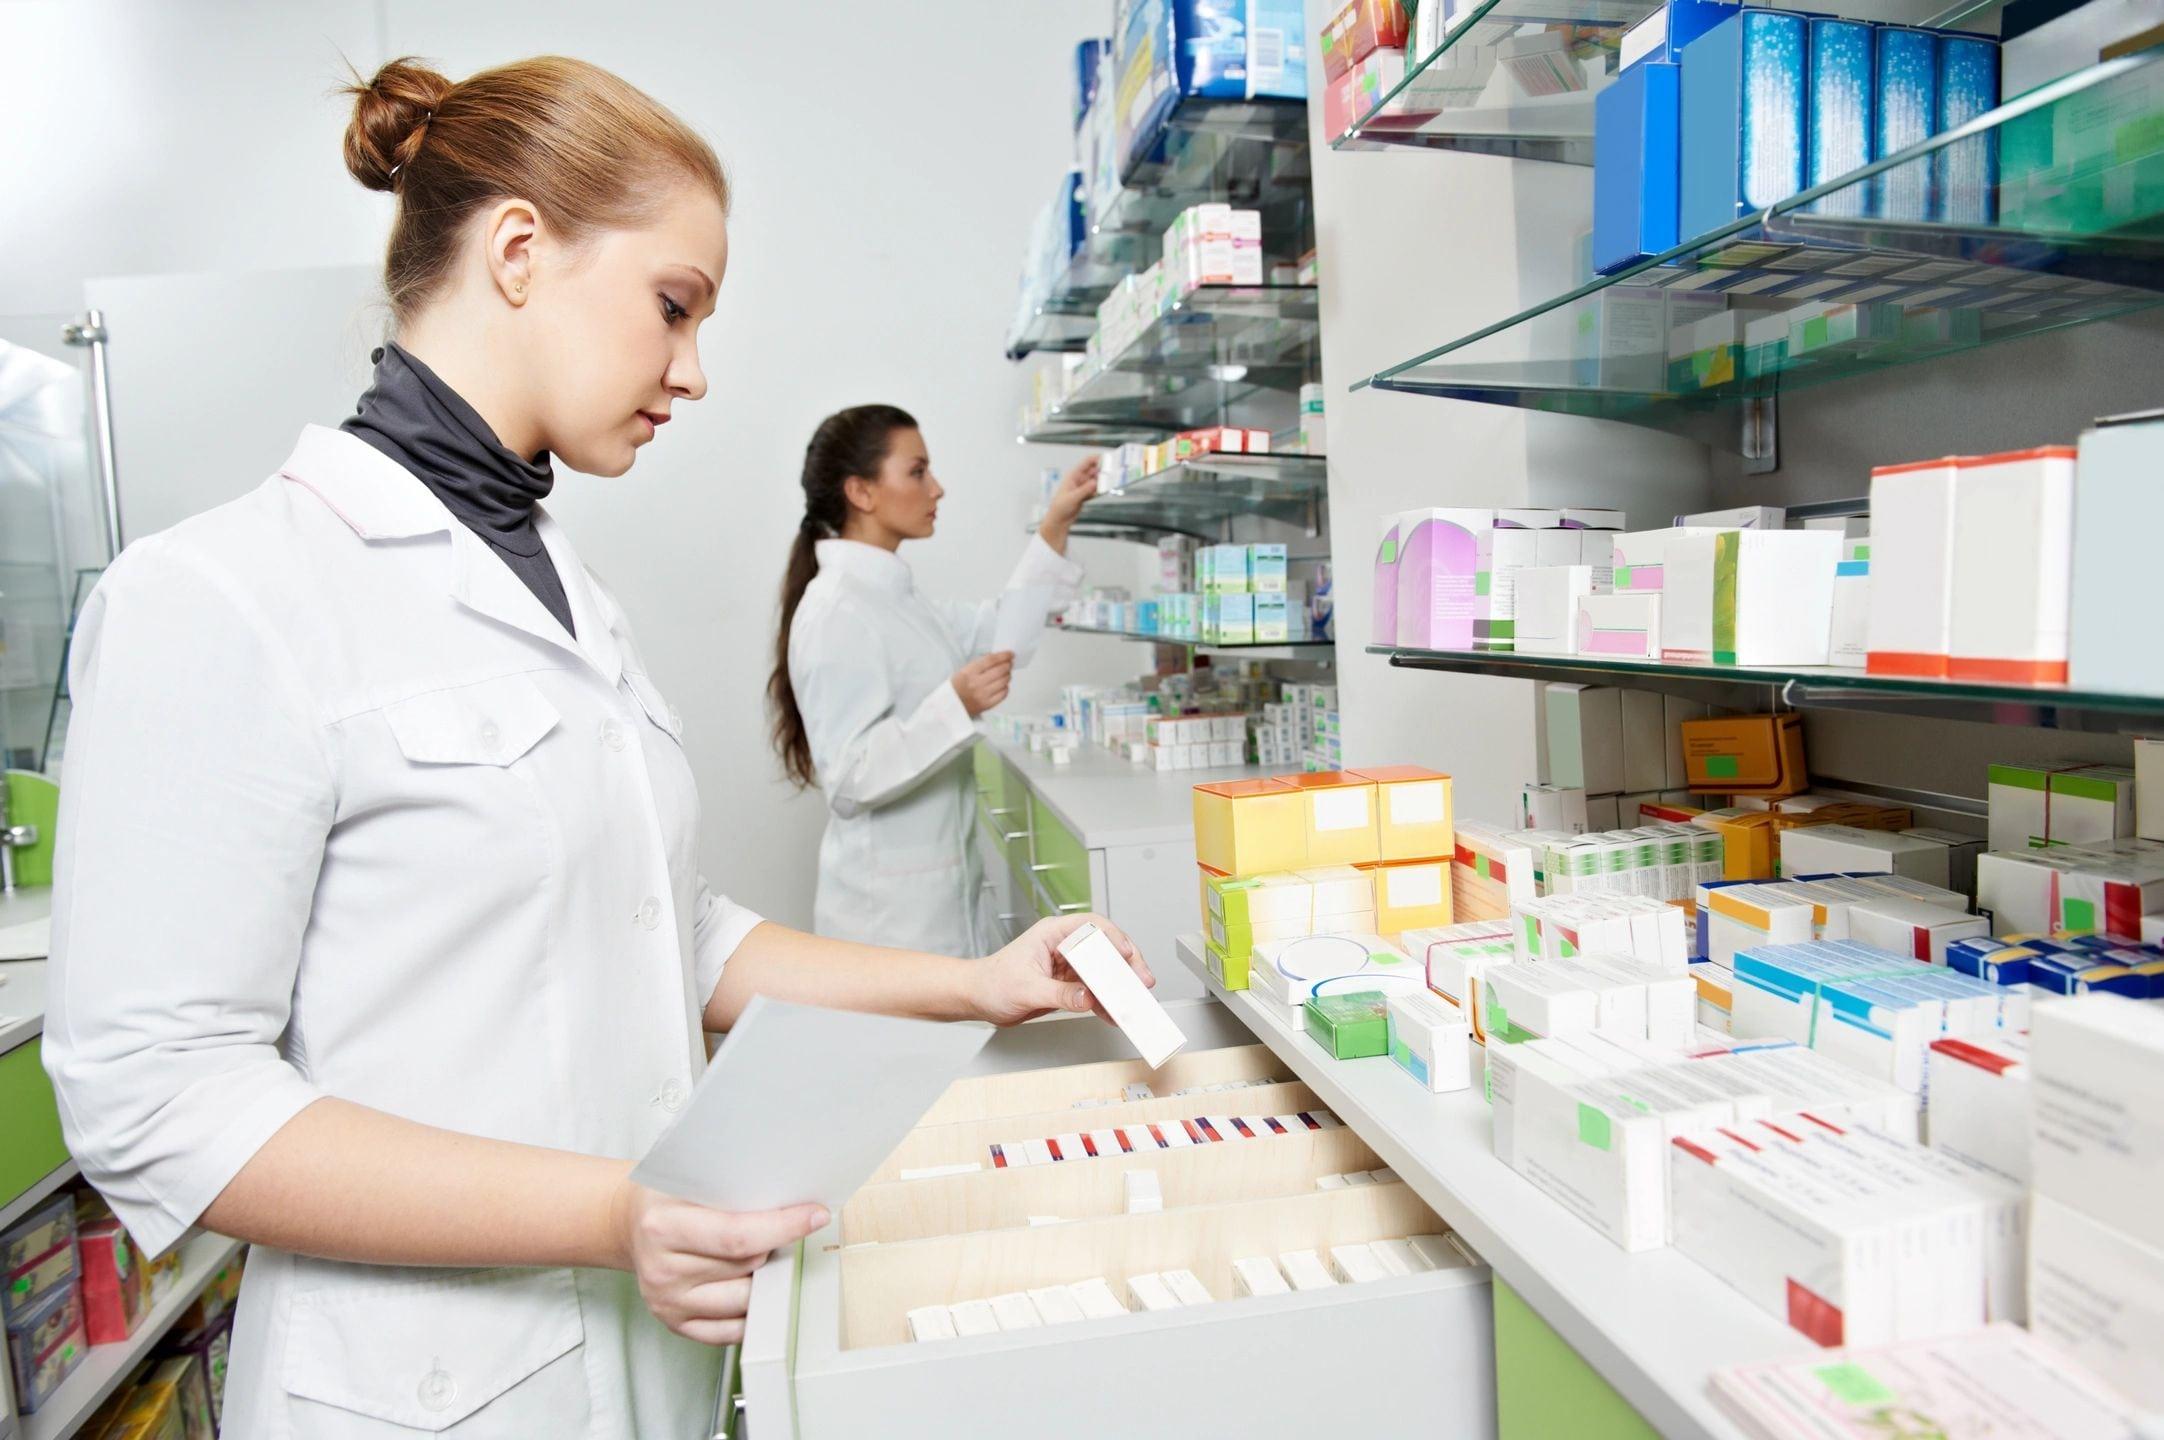 Lợi ích khi học nghề Dược sĩ là gì?